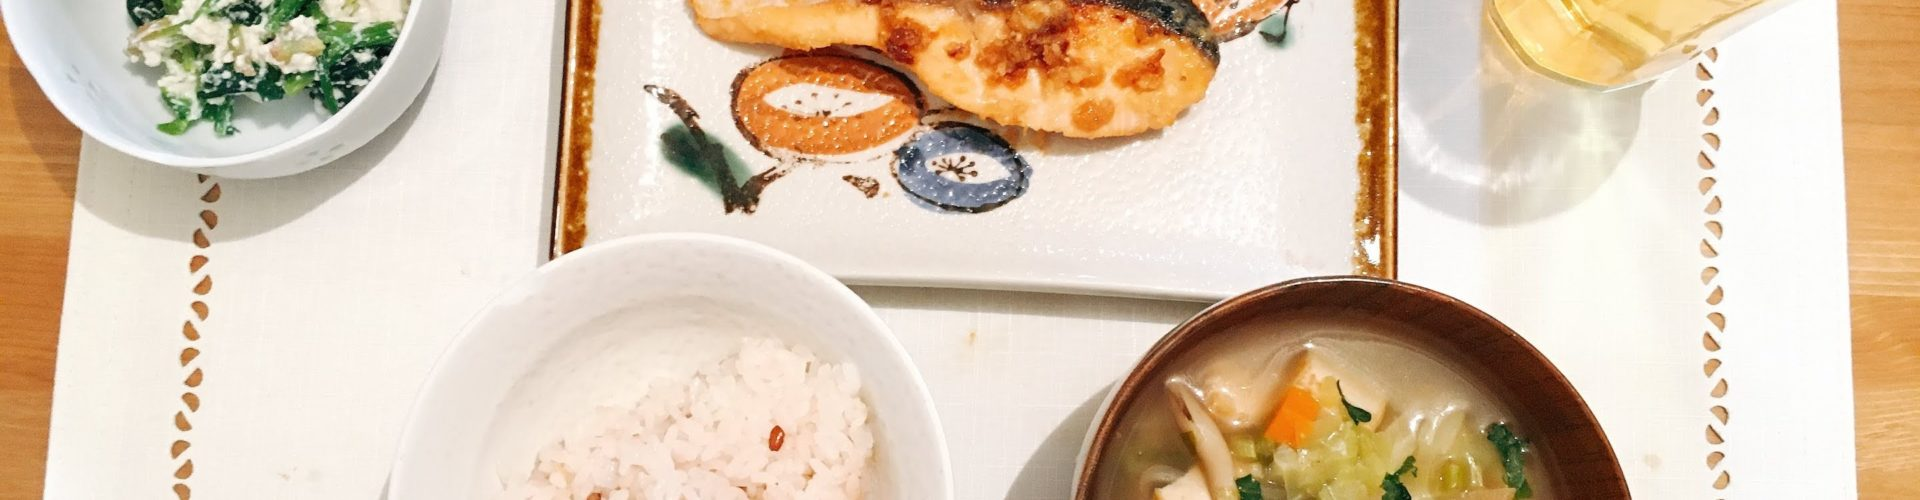 料理☆鮭の西京焼き&白あえ&スパイス野菜スープ